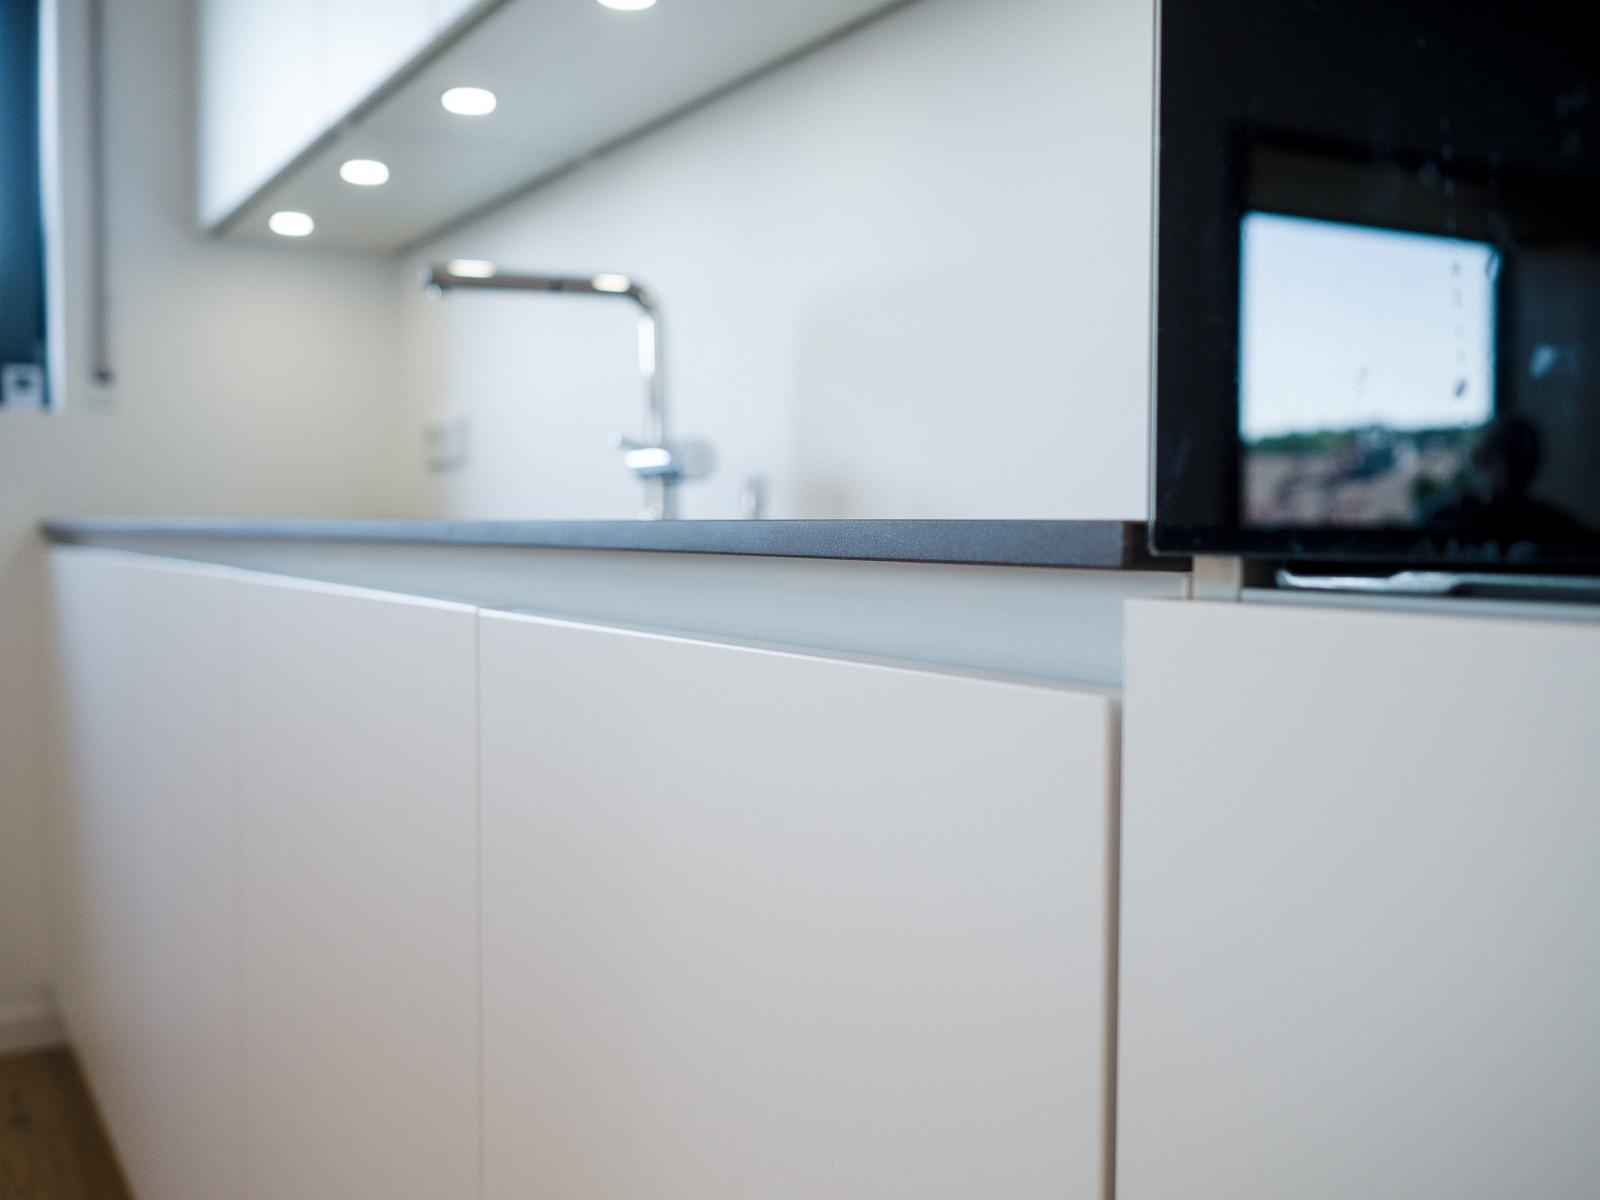 Großzügig Schwarze Küche Insel Wagen Mit Granitplatte Fotos - Küchen ...